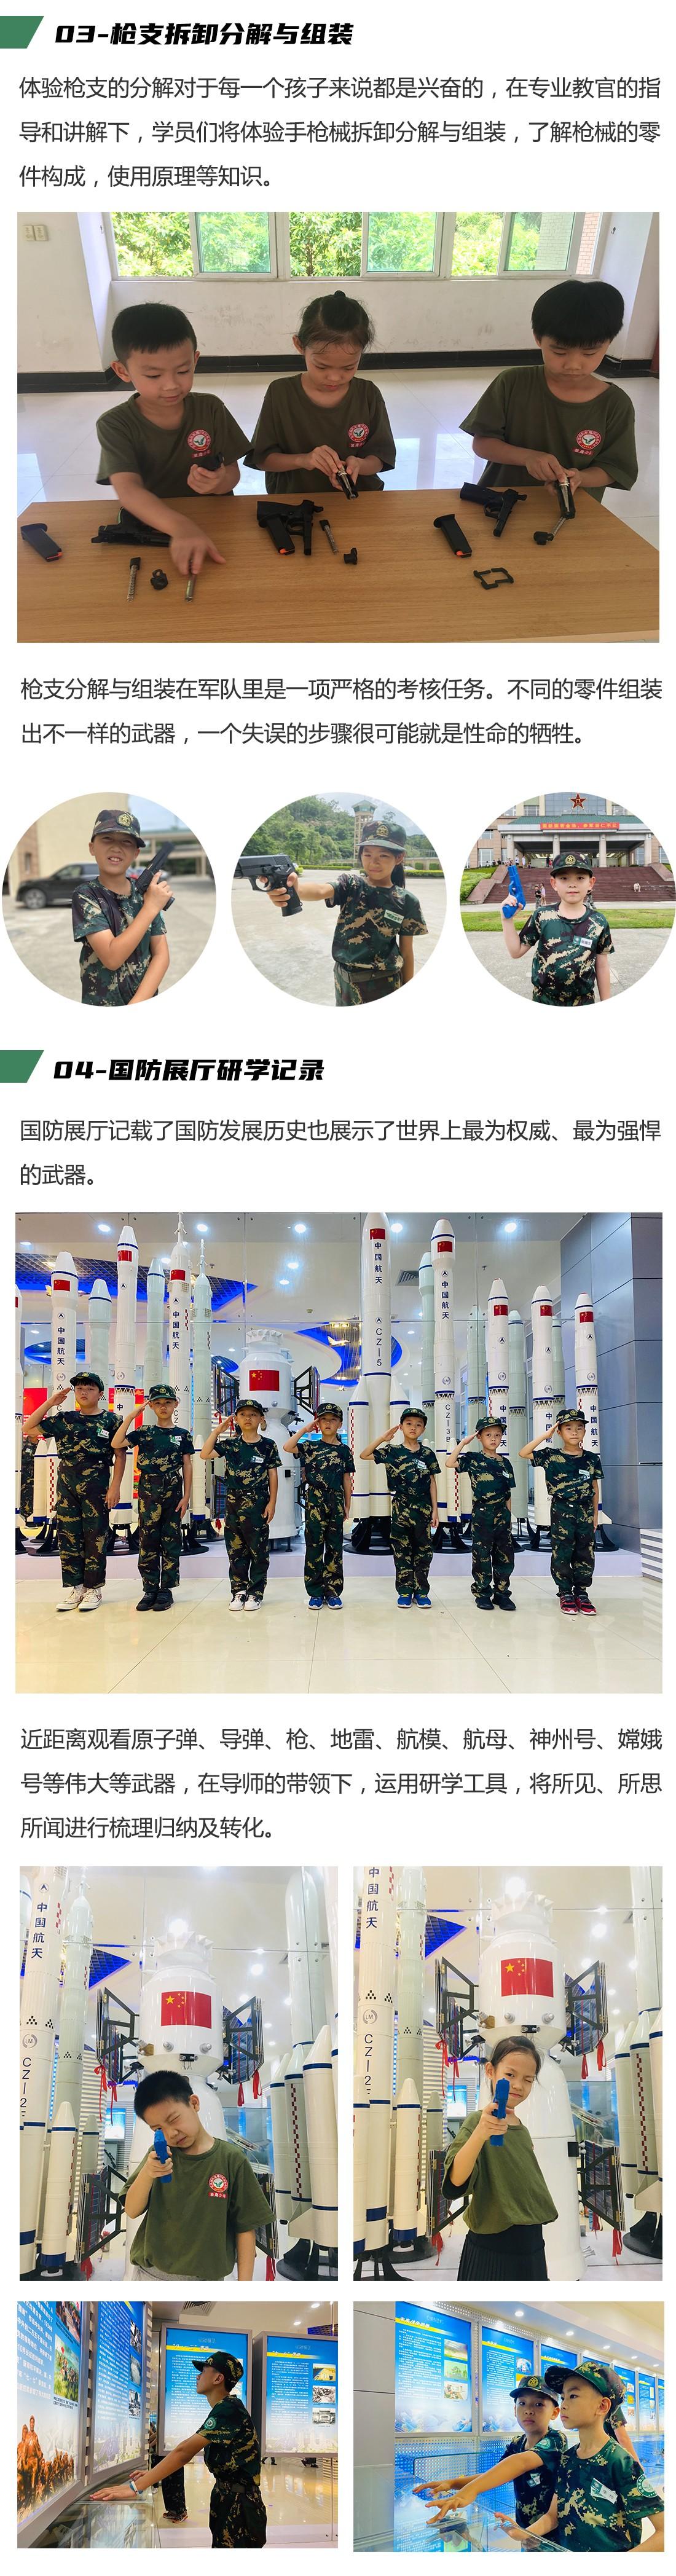 轻武器素材3.jpg